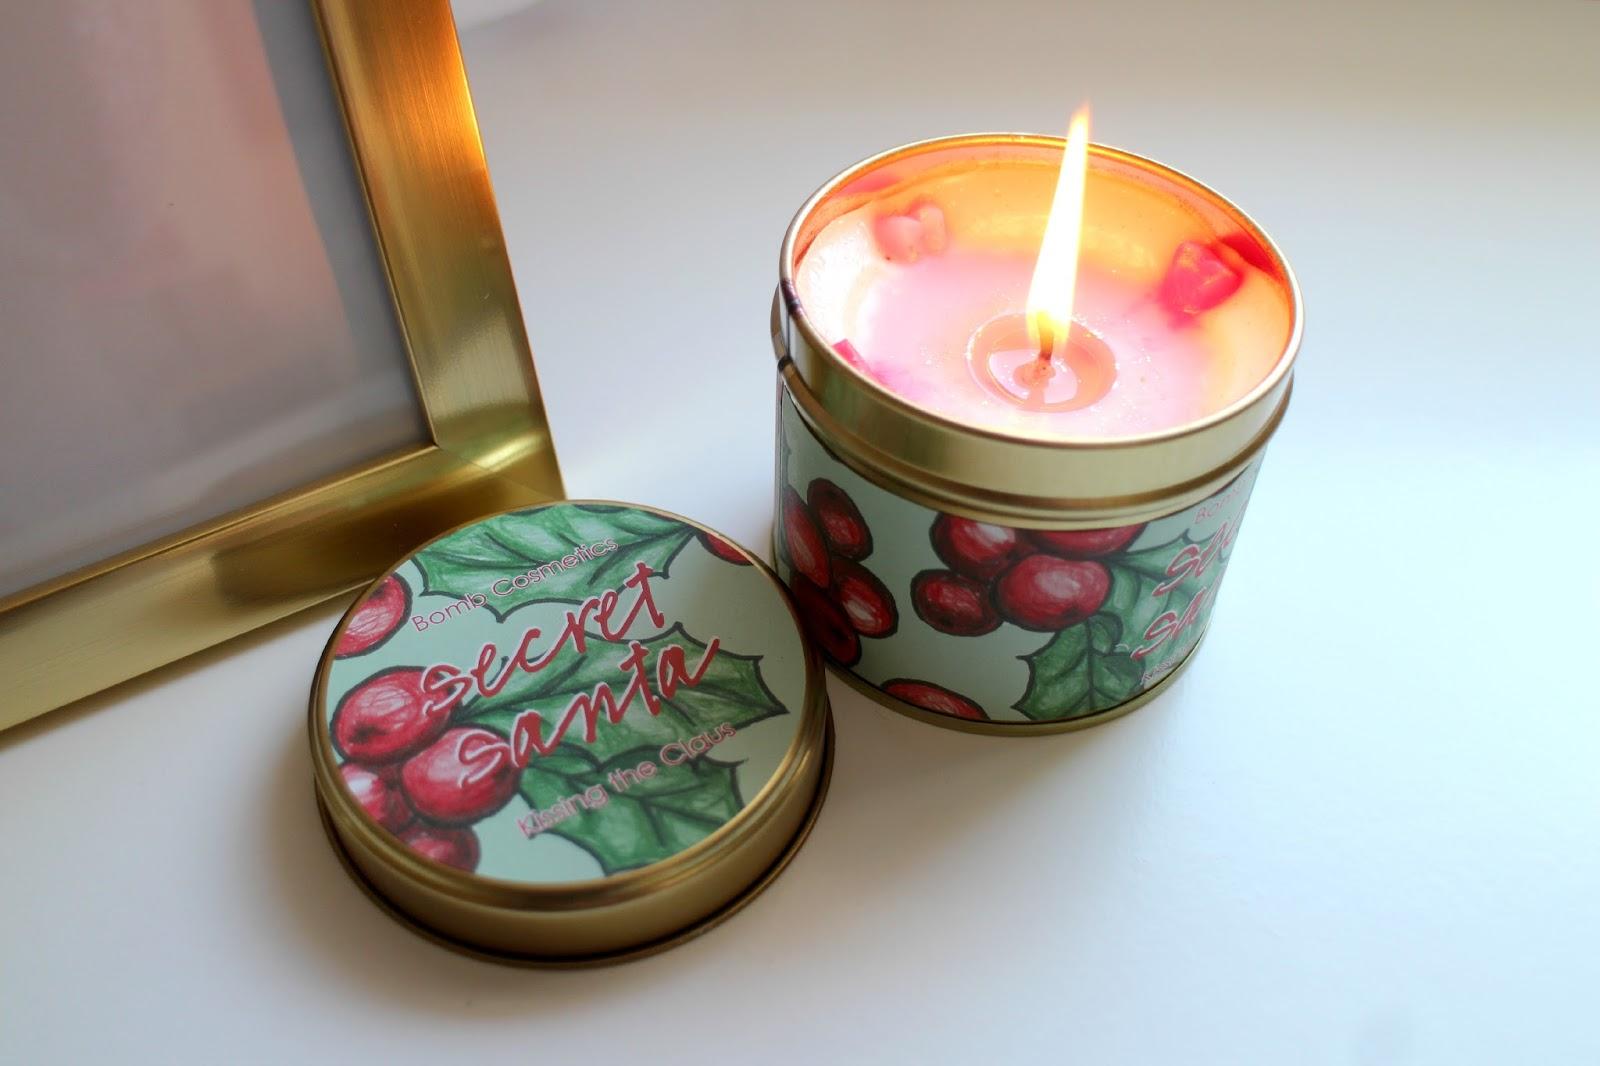 Bomb Cosmetics Candle Secret Santa